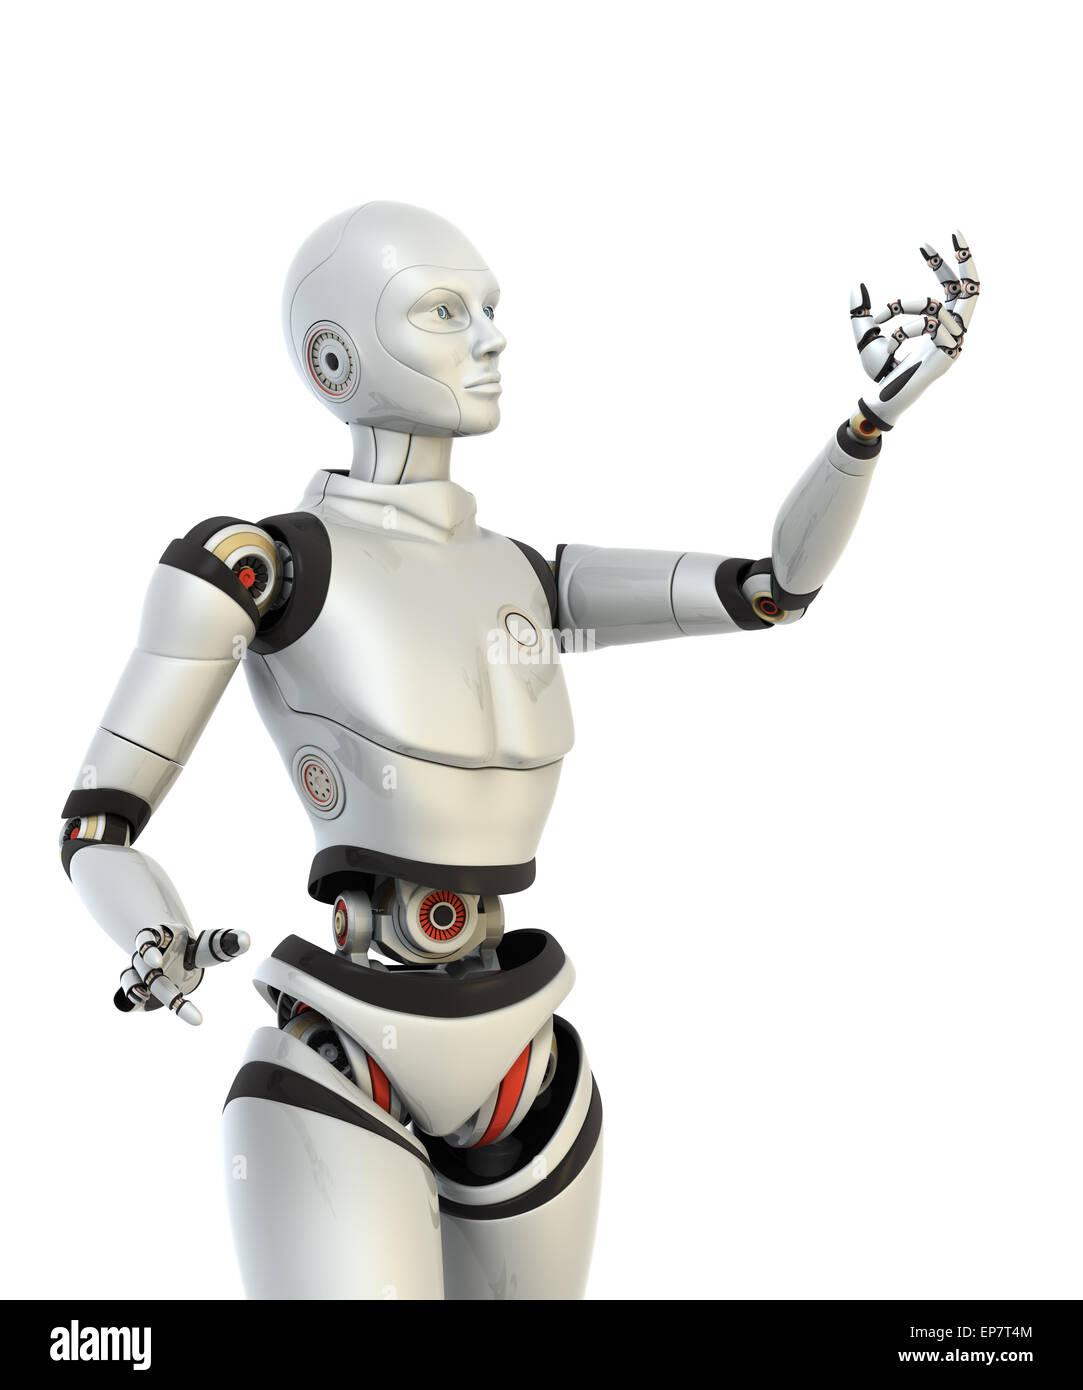 Robot contiene qualcosa nella sua mano. Percorso di clipping incluso Immagini Stock